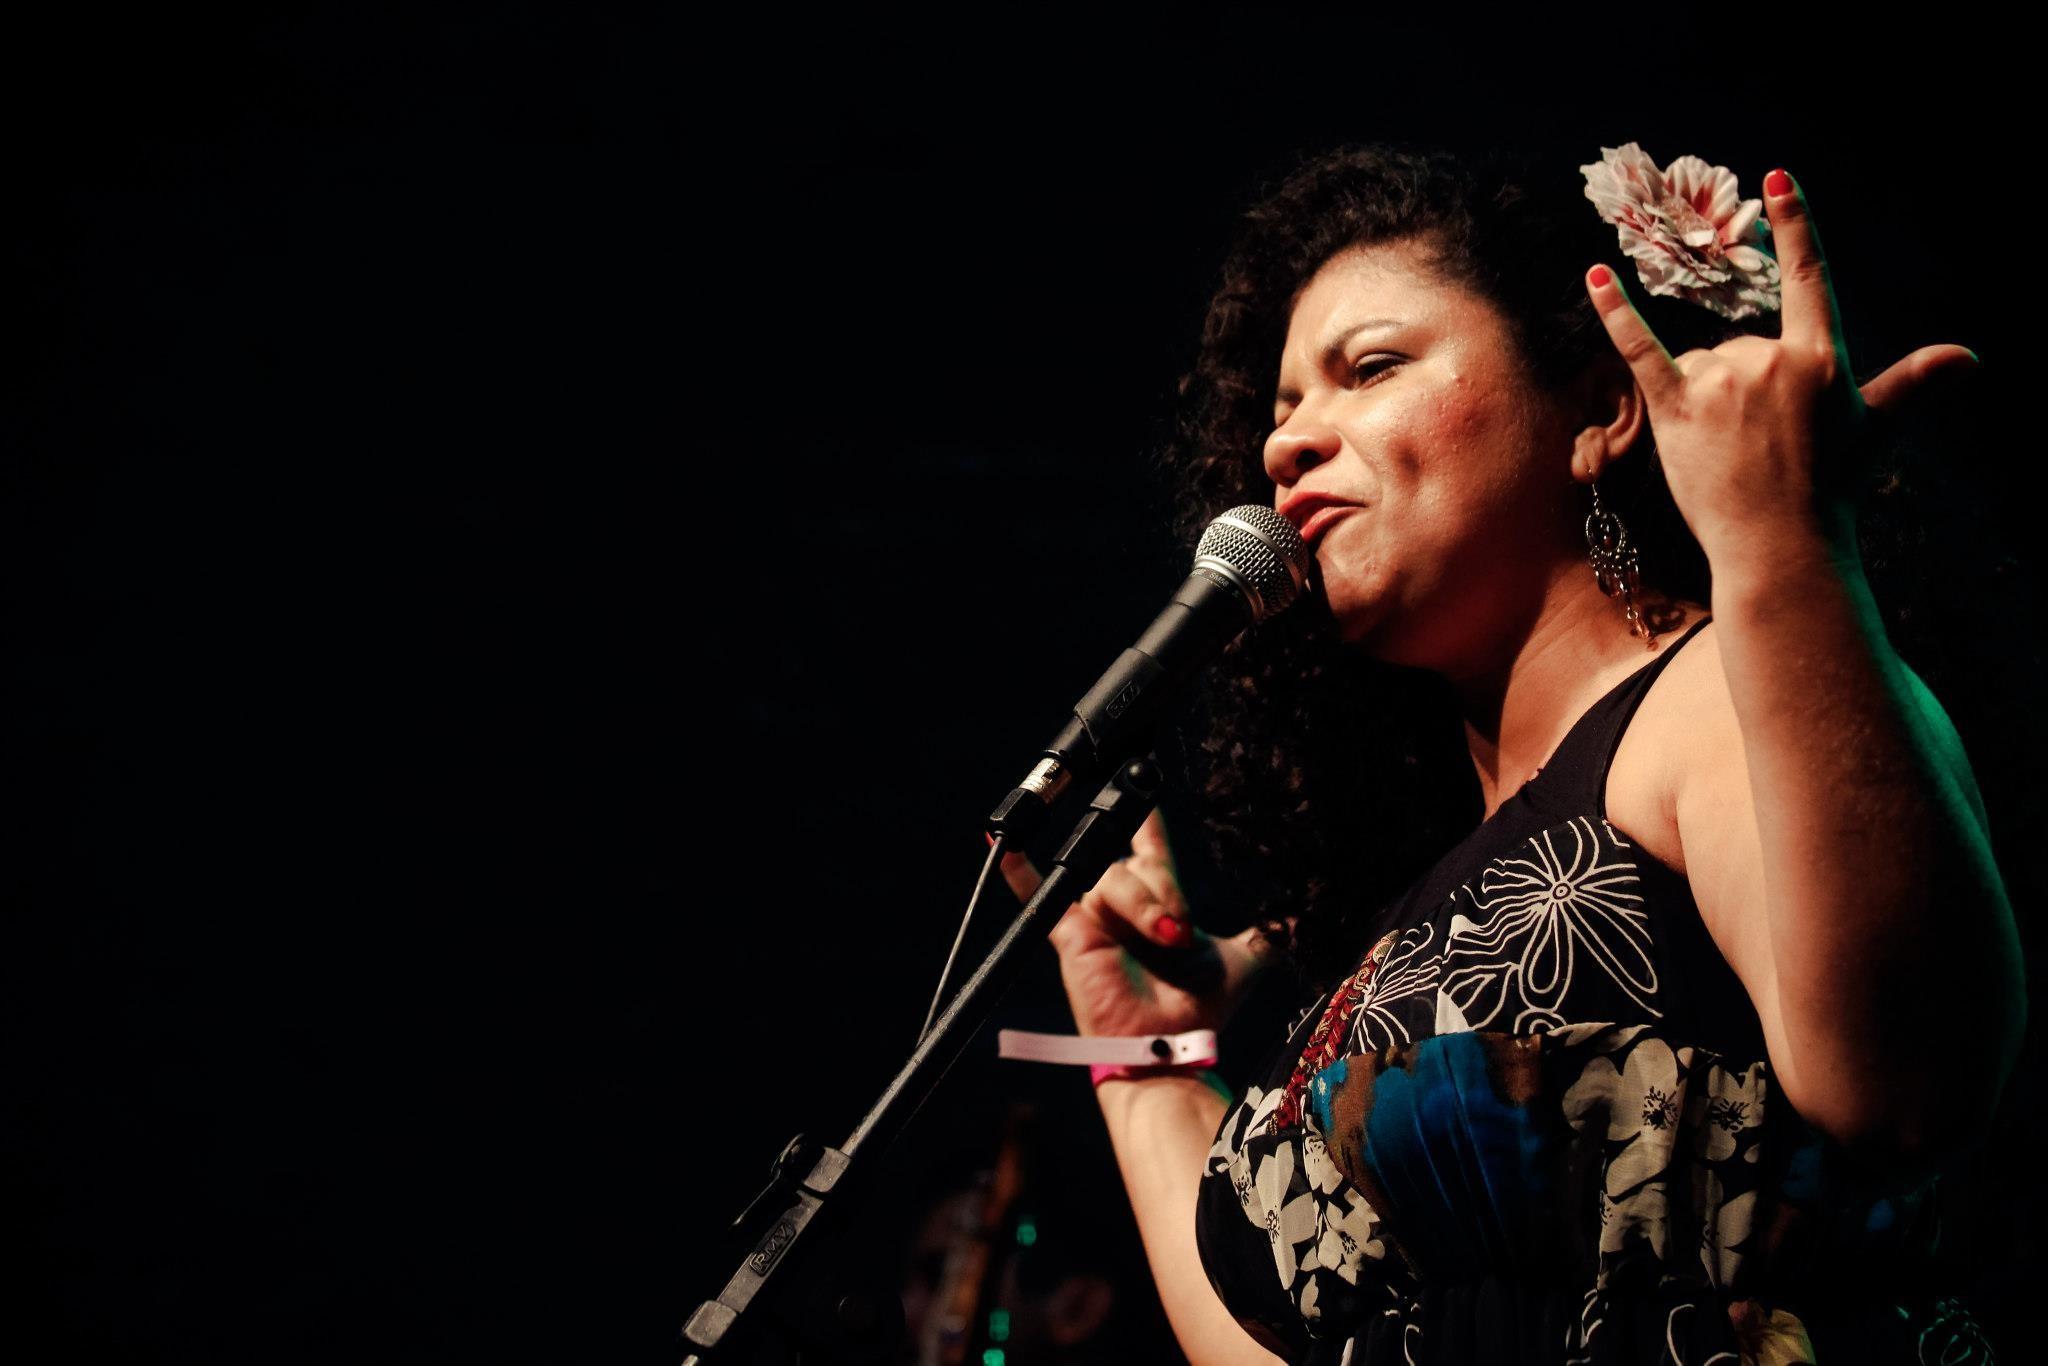 Fest Bossa & Jazz anuncia quatro atrações para edição de São Miguel do Gostoso, RN - Notícias - Plantão Diário